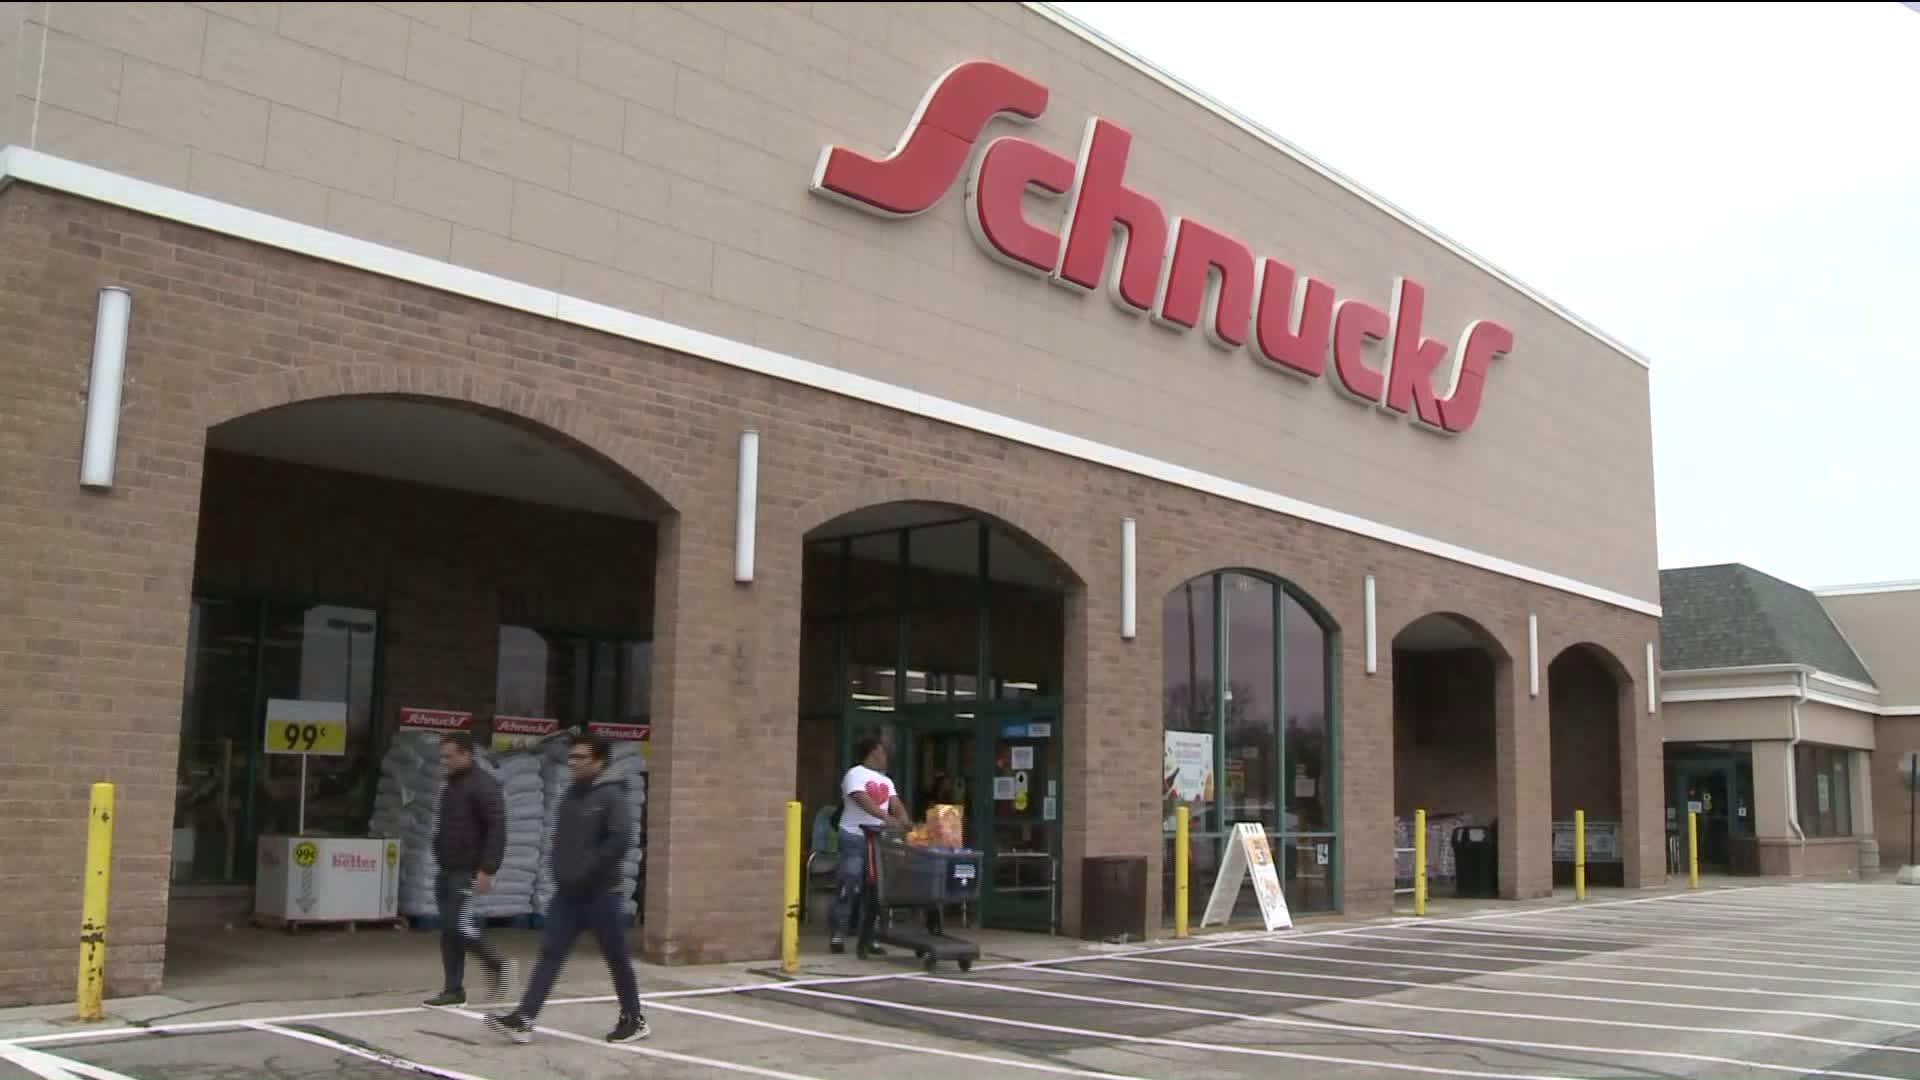 Schnucks Christmas Commercial 2020 Actors Schnucks reserving shopping hours for seniors | FOX 2